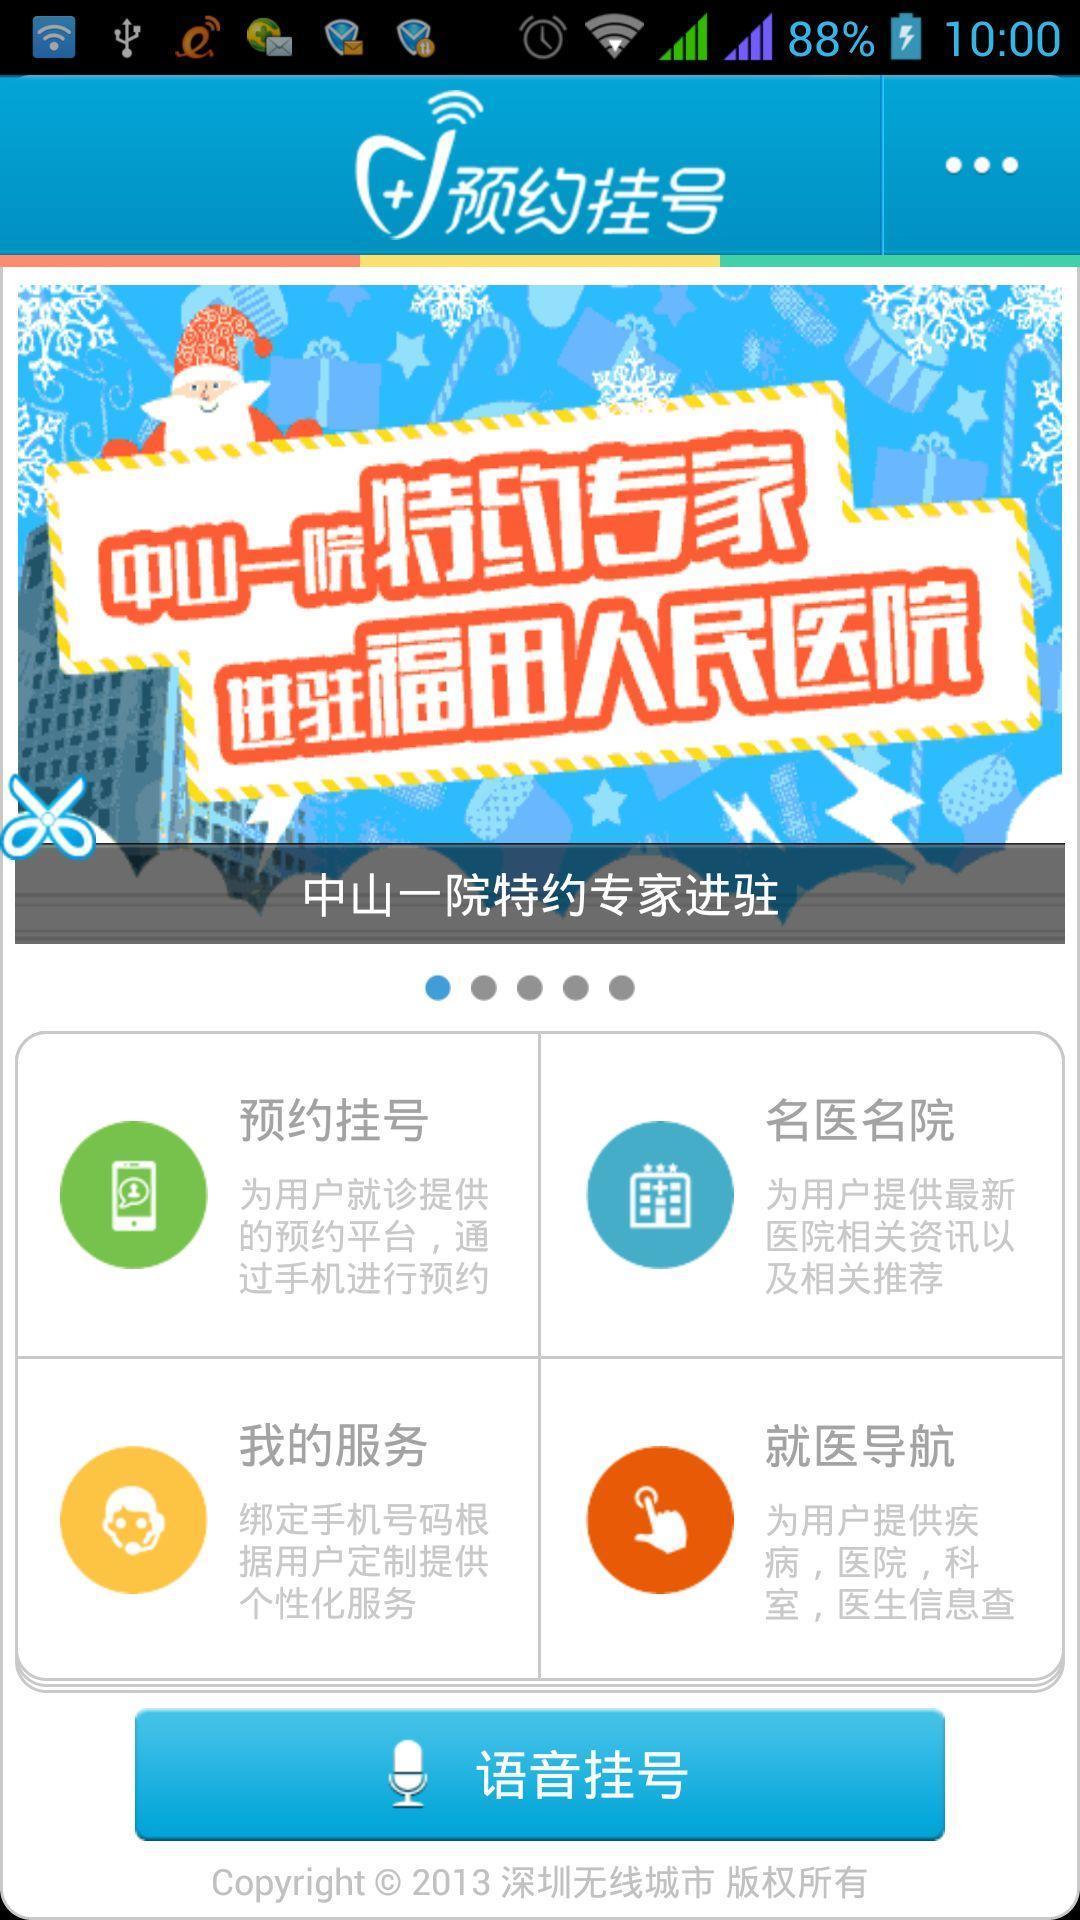 [iOS] 布卡漫畫 iOS平台最佳免費漫畫軟體App Store上架! | 電腦王阿達的3C胡言亂語